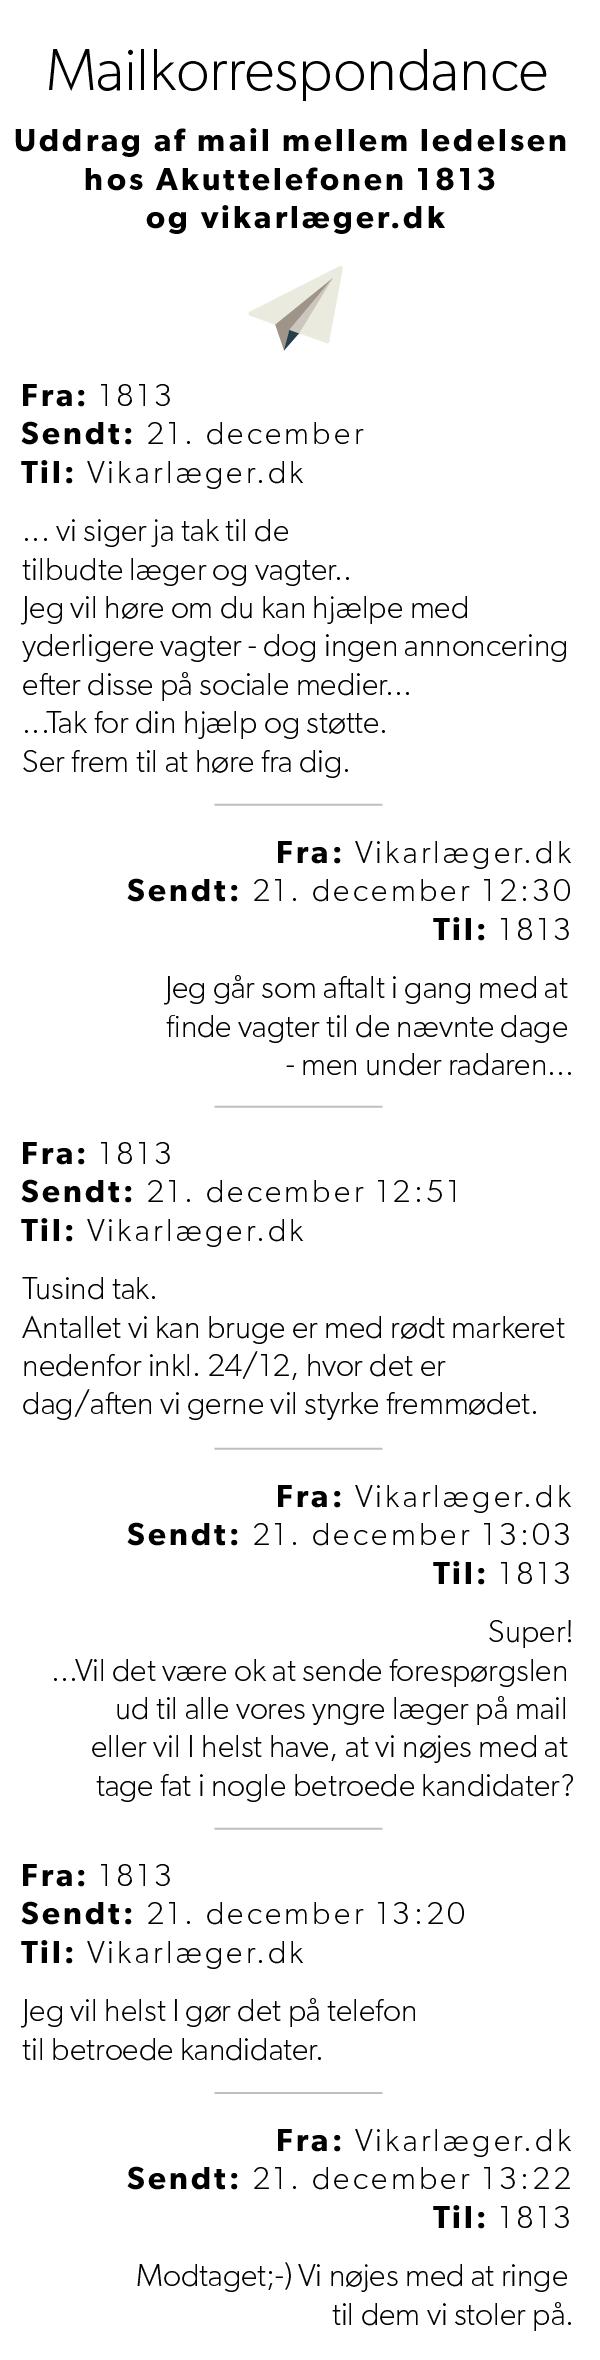 Dele af mailkorrespondancen mellem 1813 og vikarlæger.dk